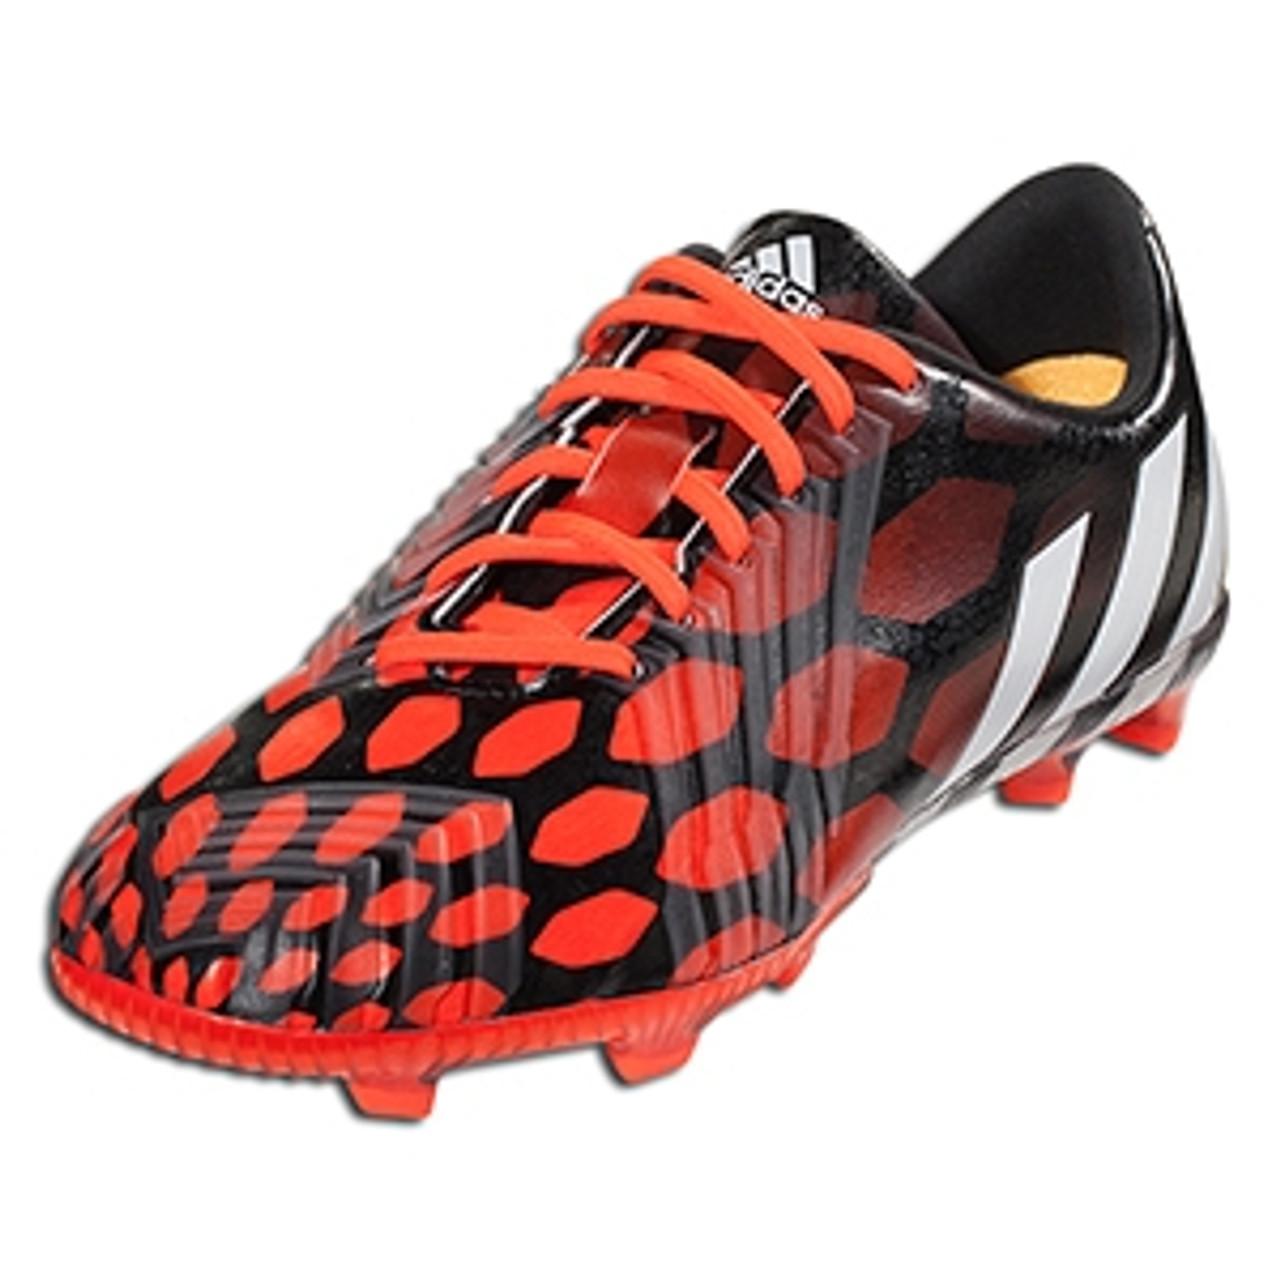 adidas JR Predator Instinct FG - Black Solar Red SD (21517) - ohp soccer 798d54e8a2b2